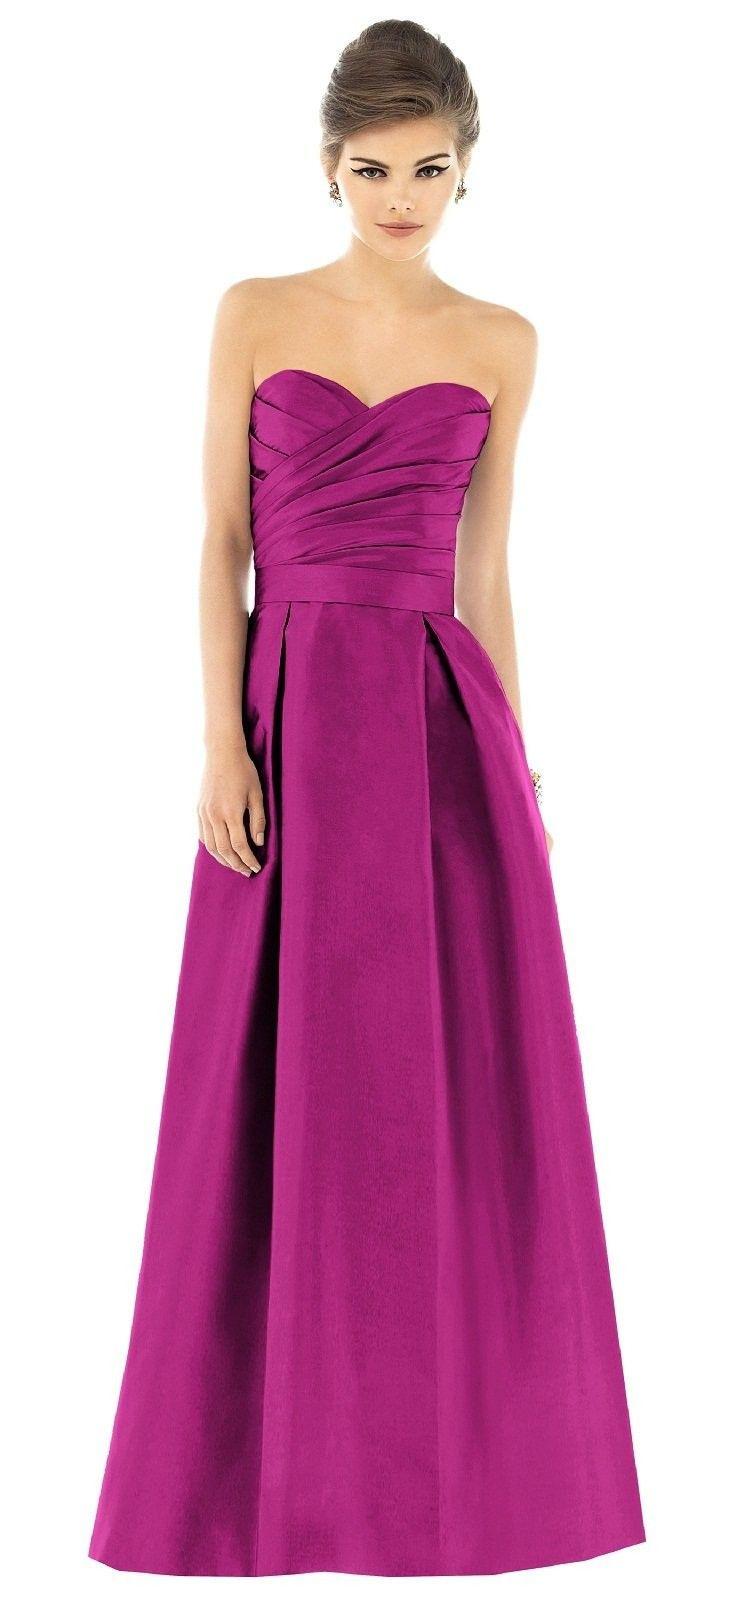 20 Großartig Abendkleid Unter 100 Euro BoutiqueDesigner Elegant Abendkleid Unter 100 Euro Galerie